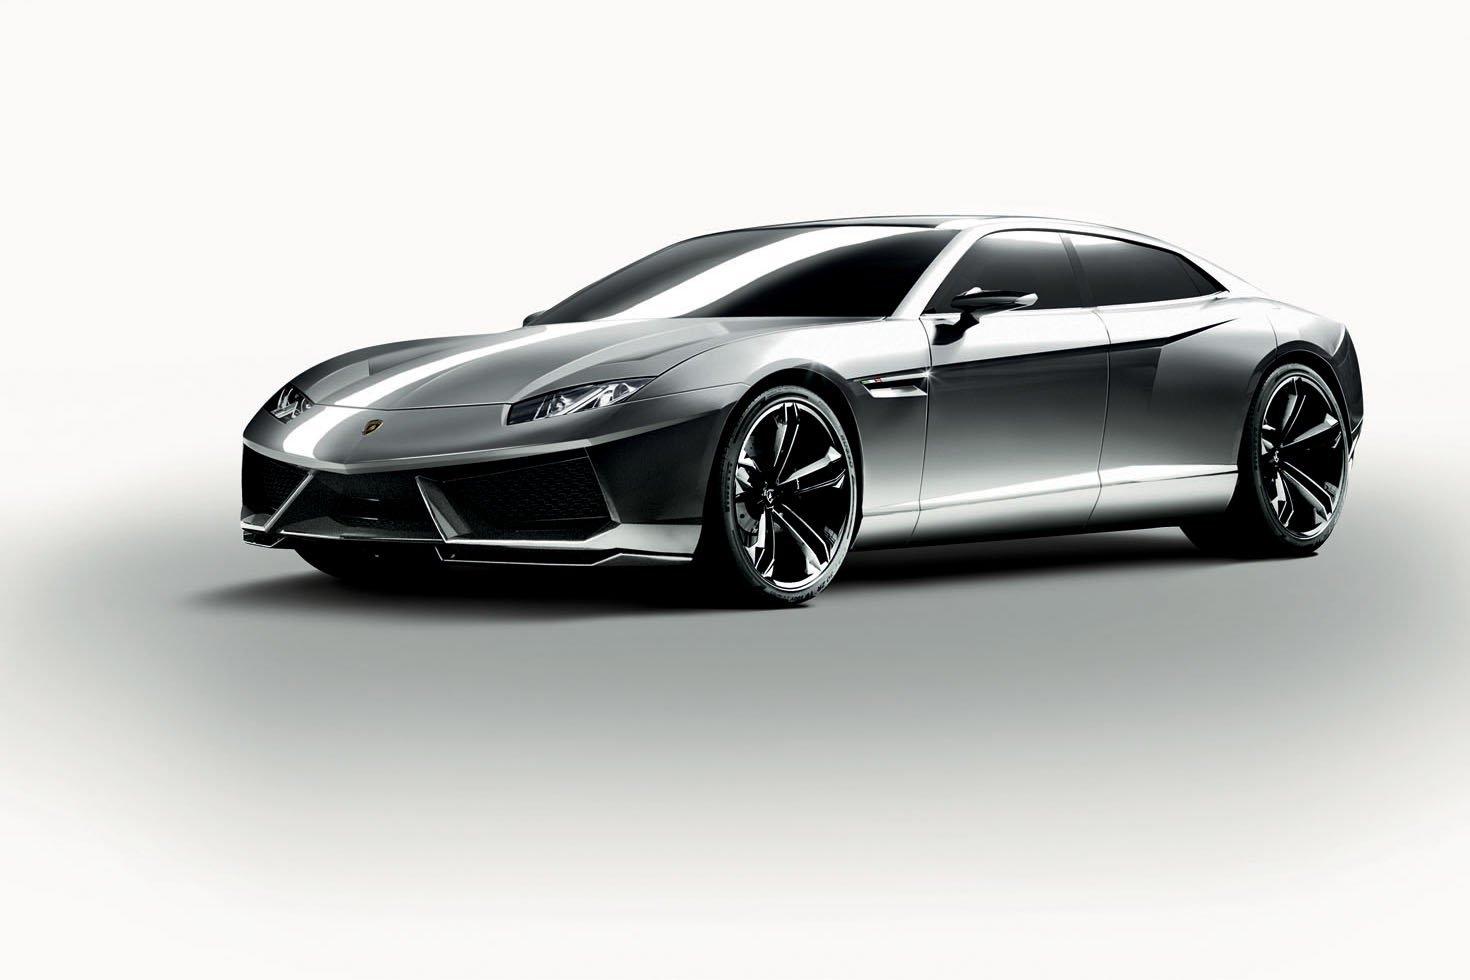 推出2 + 2 GT旅行版兰博基尼 分争市场